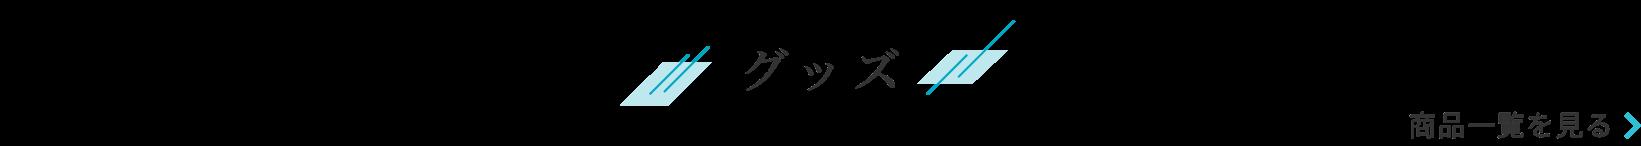 プリンスレターズ・フロムアイドル グッズ